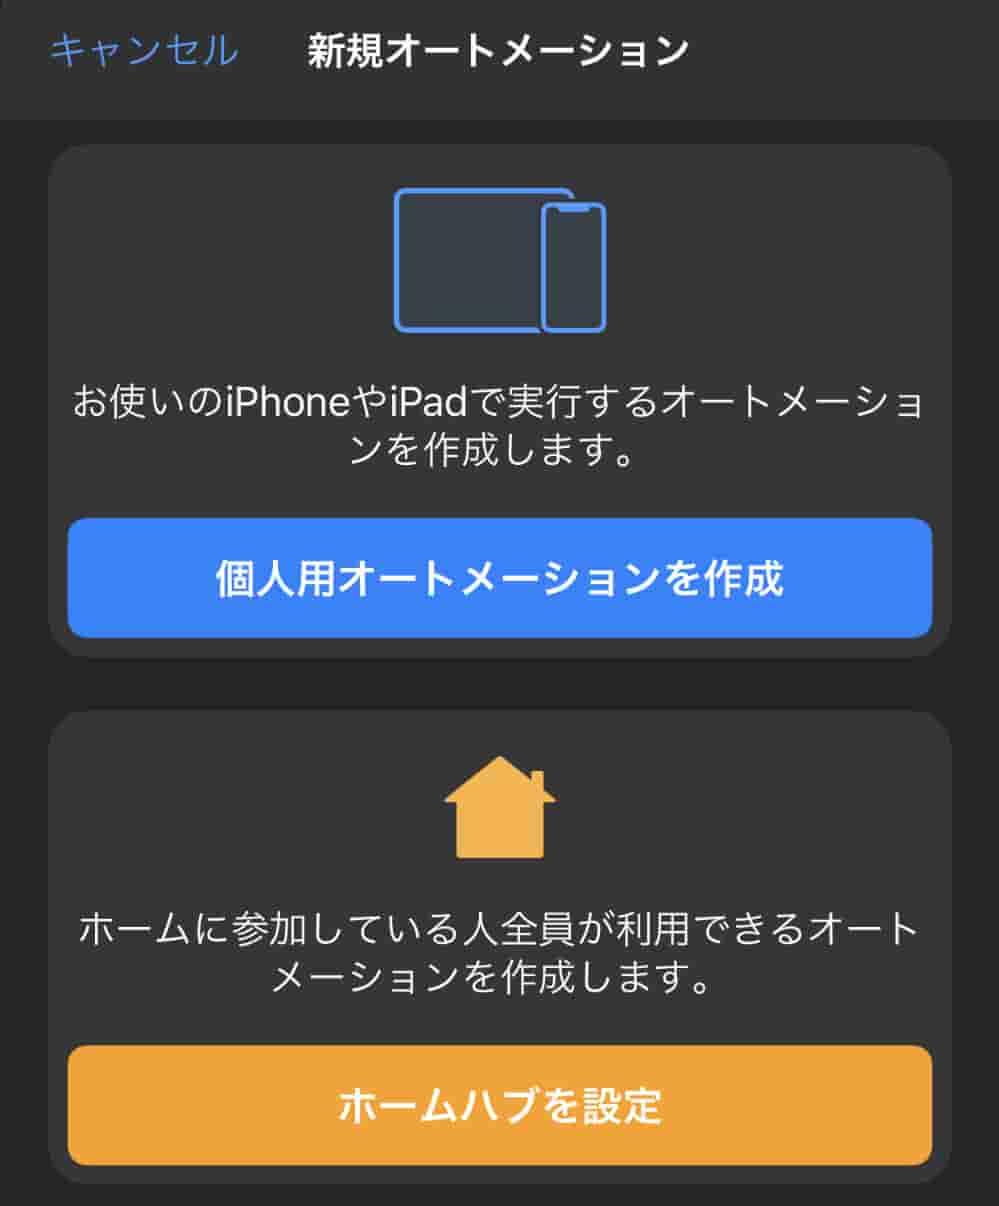 ショートカットAppを使用してiPhoneのバッテリーを節約